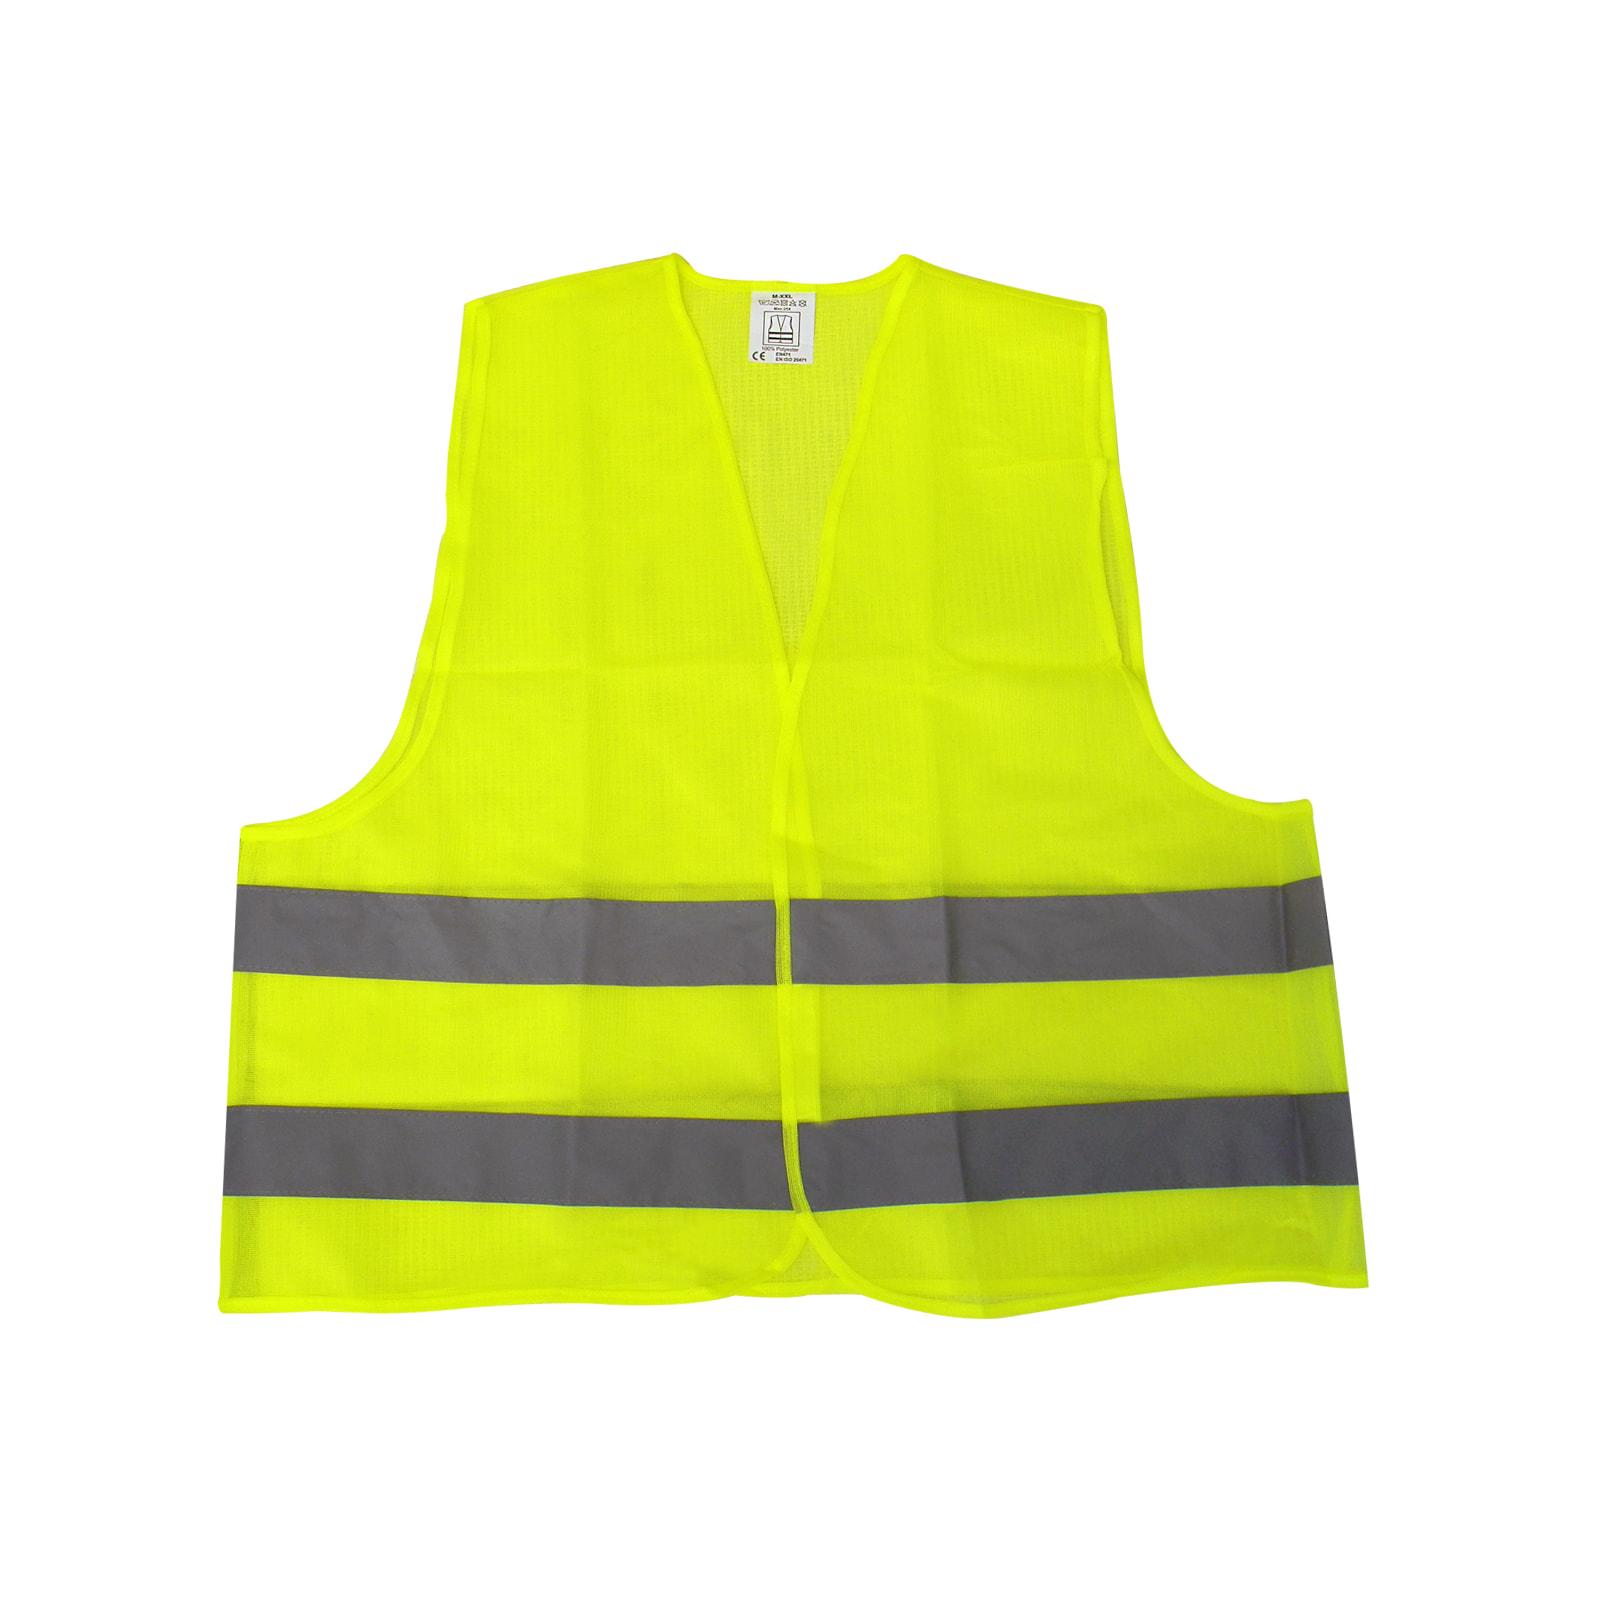 Warnweste reflektierend gelb, Sicherheit / Schutz PKW, LKW, Einheitsgröße, EN471